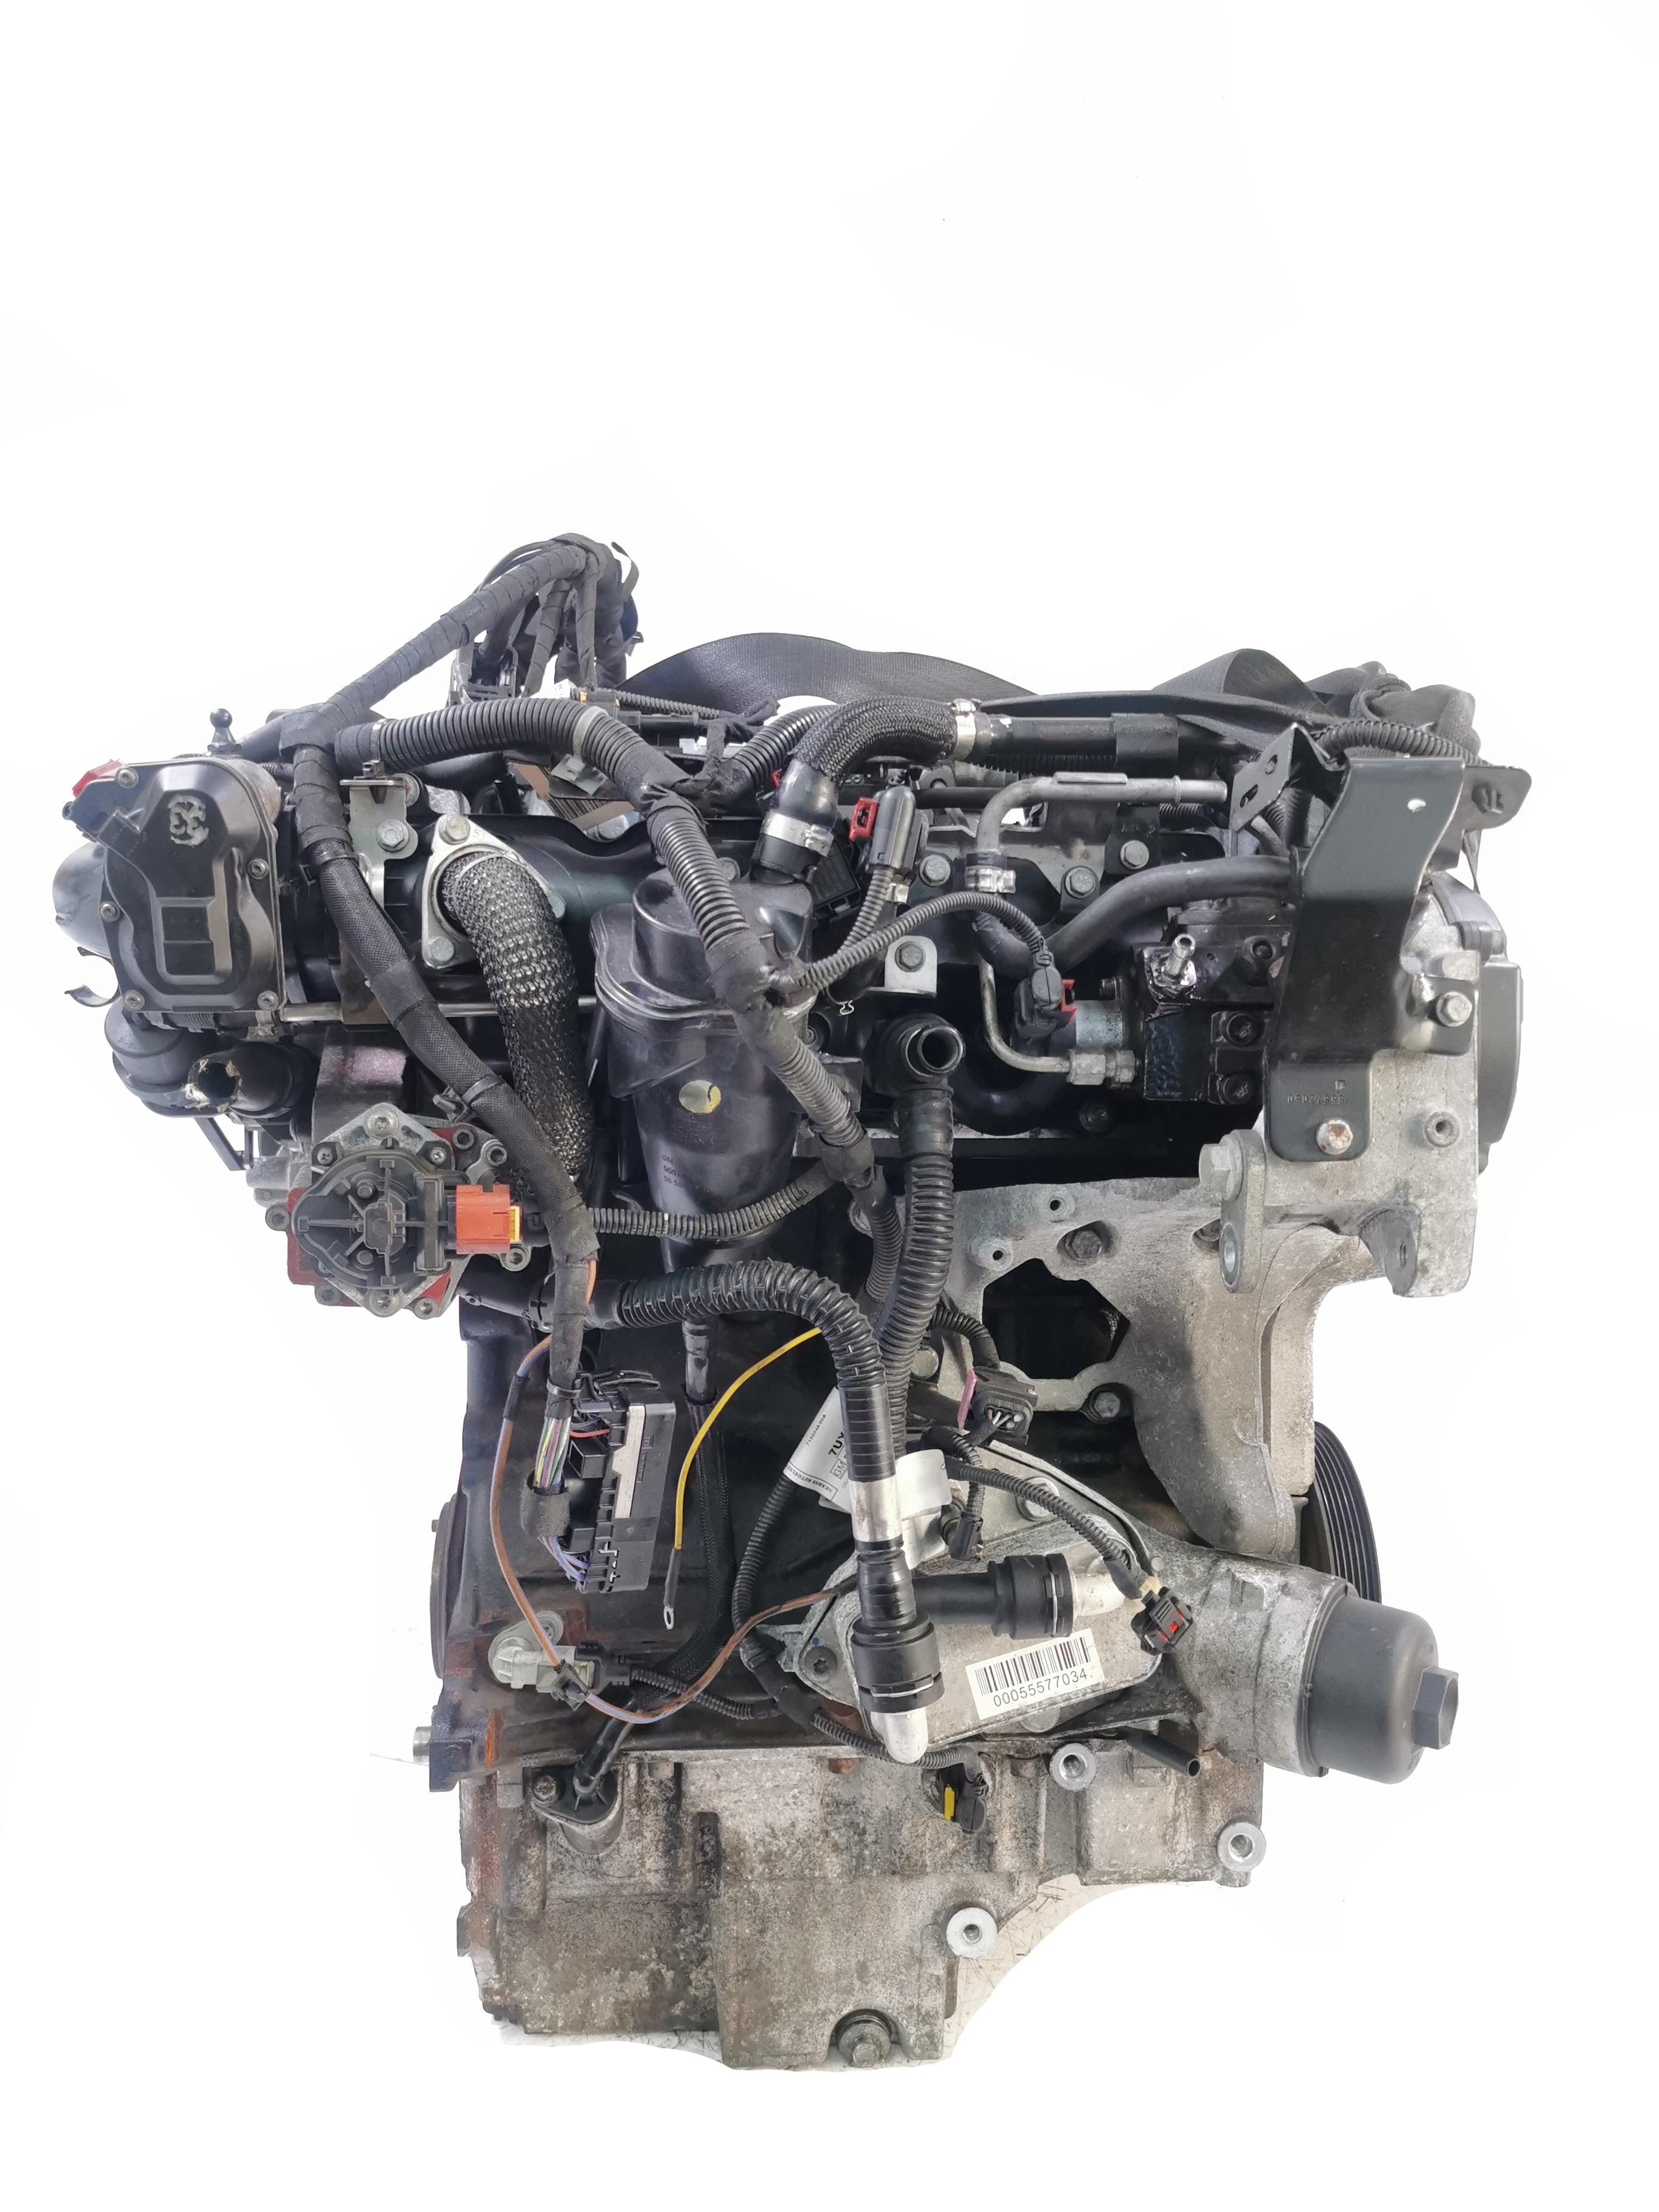 Motor mit Anbauteilen 2011 Opel Vauxhall Insignia A 2,0 CDTI A20DT